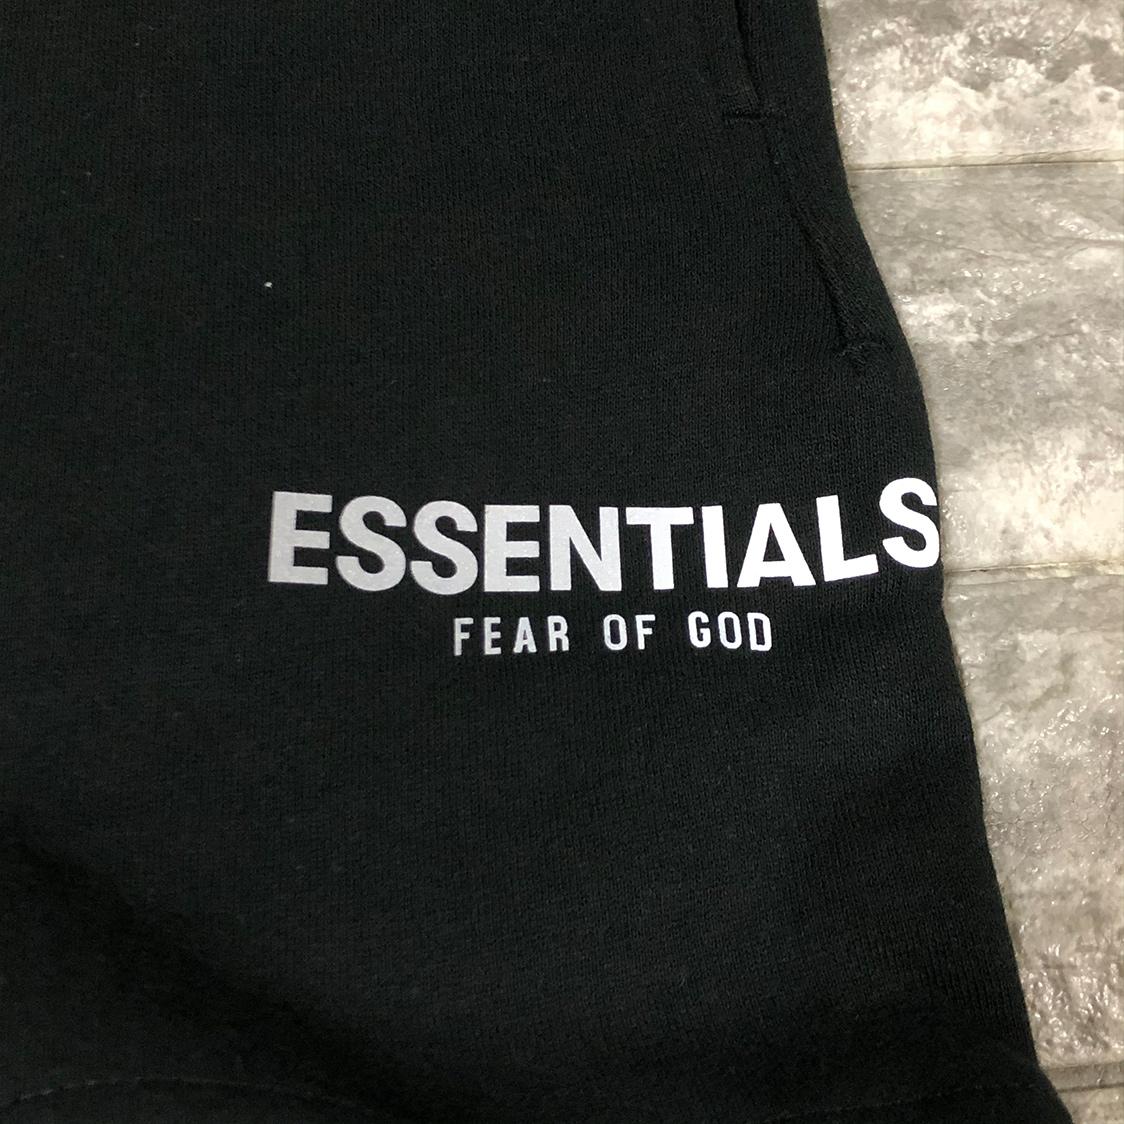 新品 Fear Of God Essentials フェアオブゴッド エッセンシャルズ 【Sサイズ】 リフレクティブ スウェット ショーツ ハーフパンツ ブラック FOG